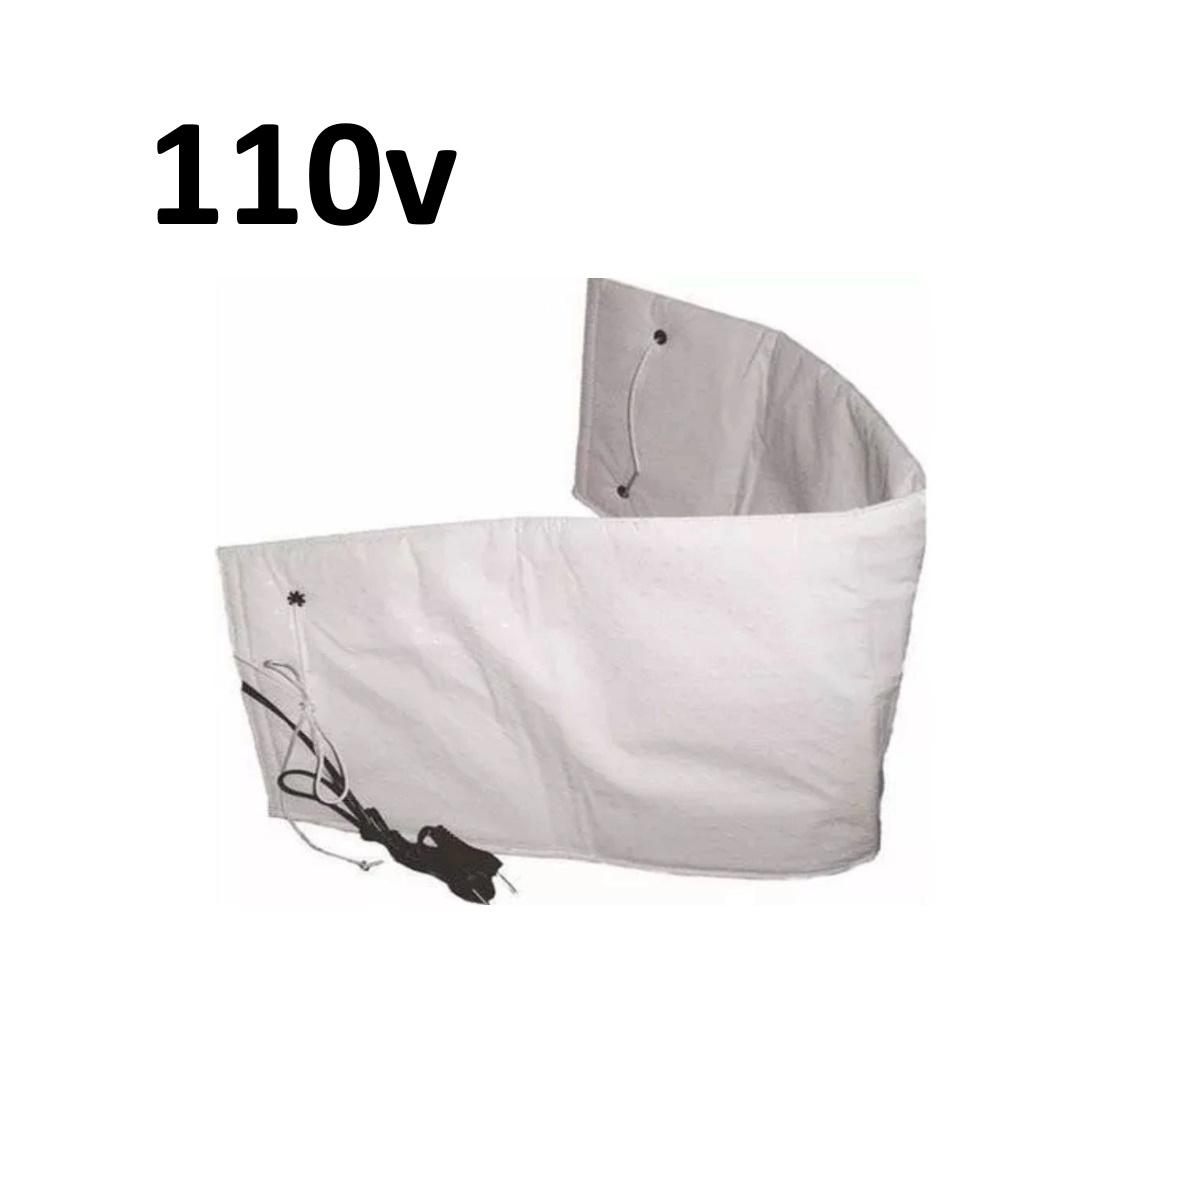 Cinta Térmica Abdominal Elétrica para Redução de Medidas - 110v Branca